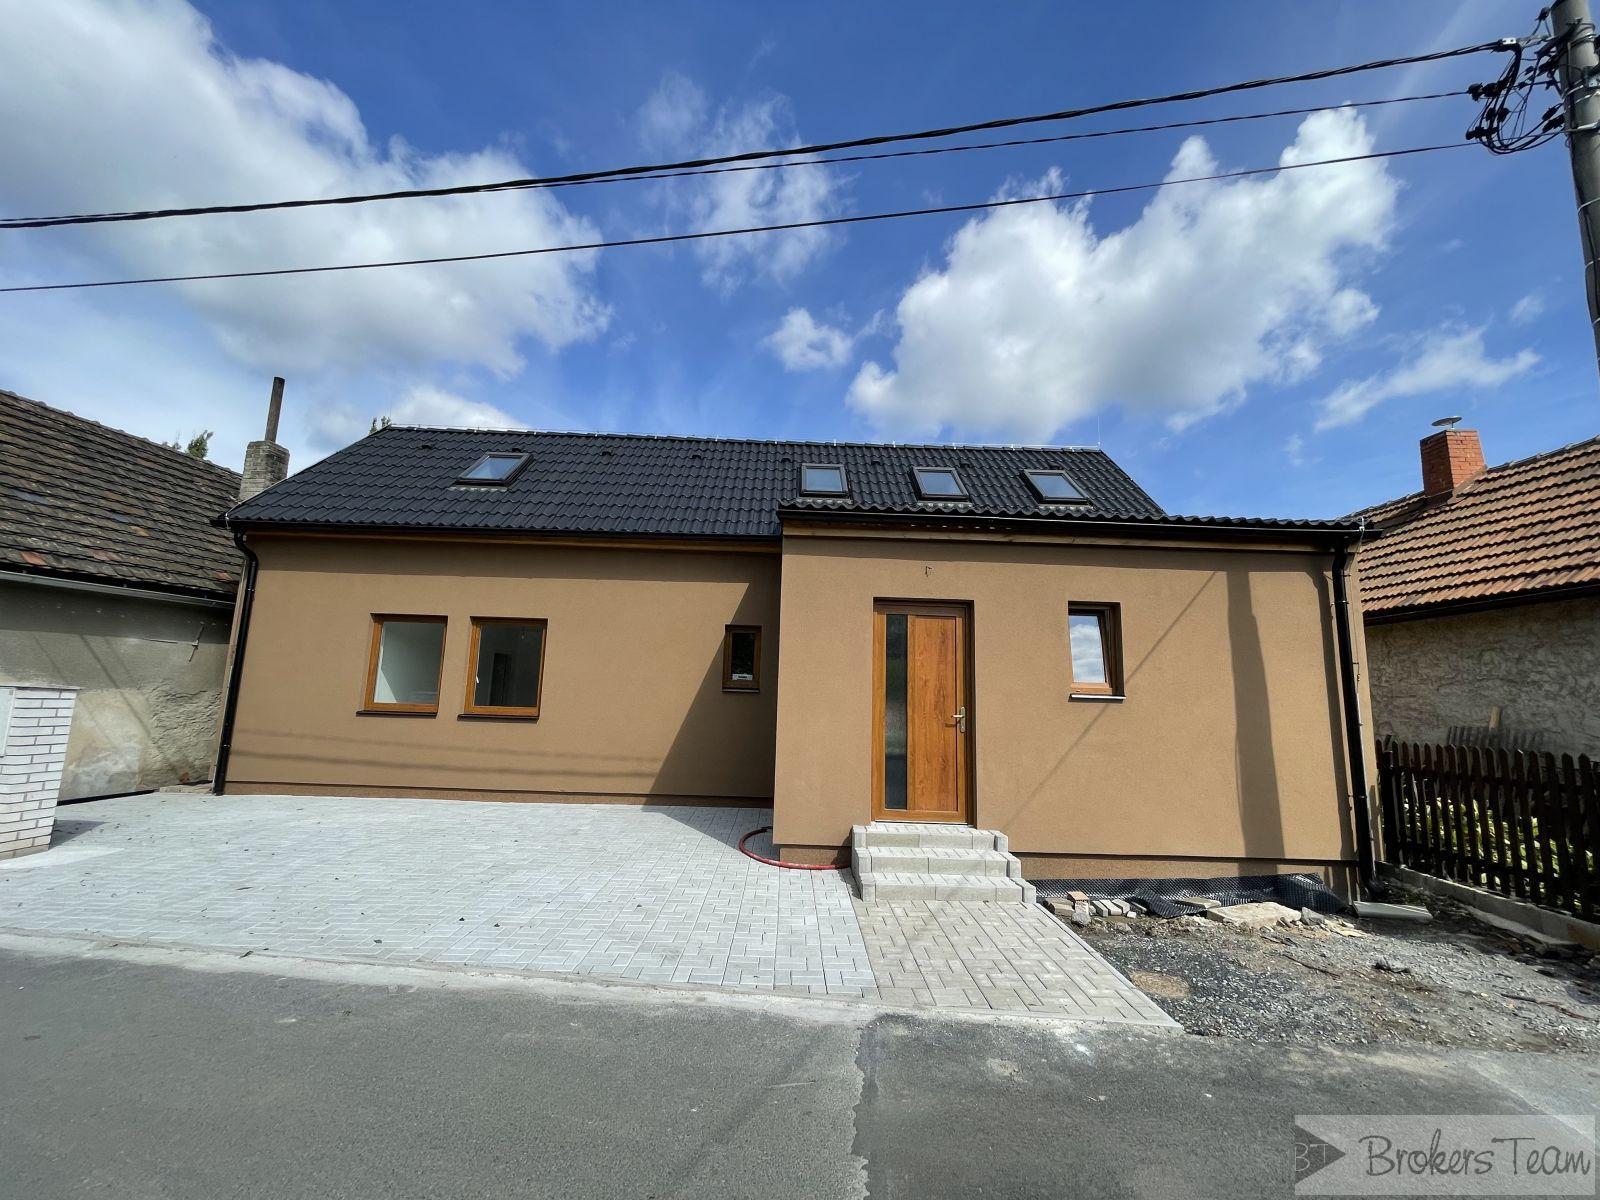 Prodej novostavby  na Mělníku 5+kk 130 m2 na pozemku o celkové výměře 336 m2.